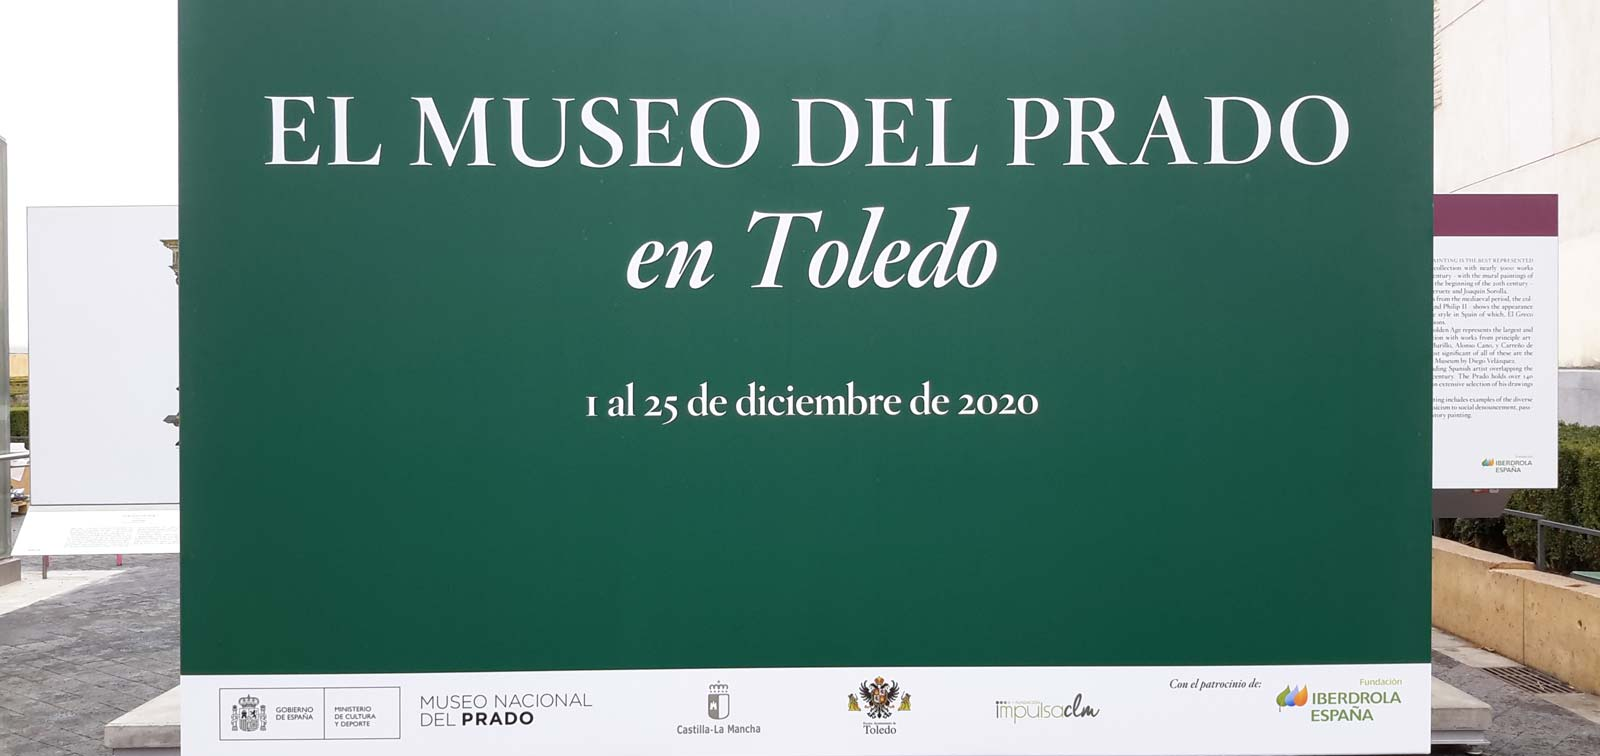 Exposición didáctica: El Museo del Prado en Toledo